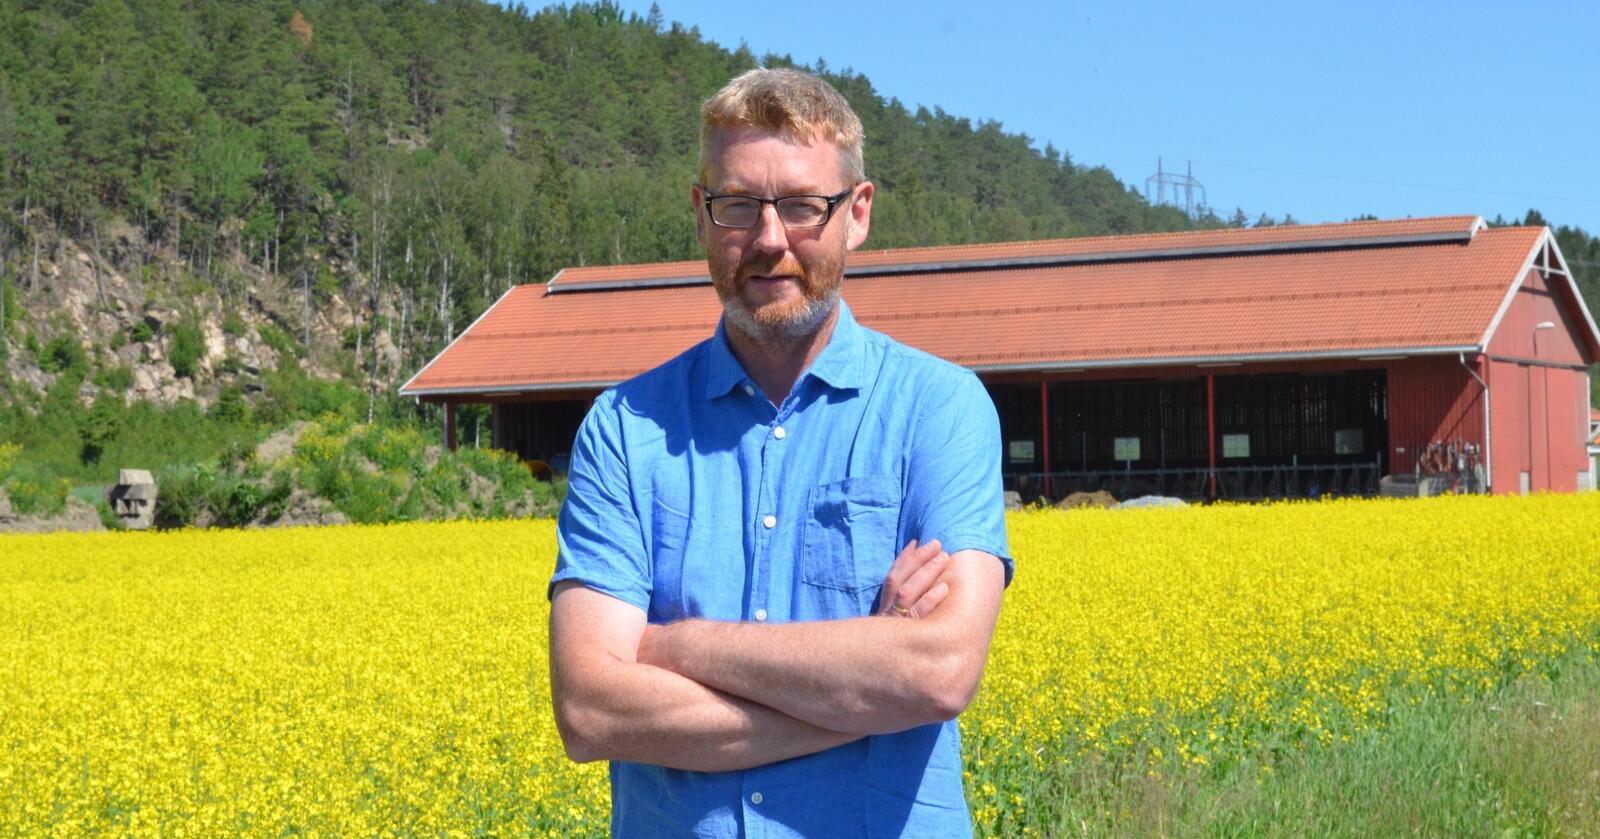 Korn- og ammekubonden Bjørn Gimming er ny leder i Norges Bondelag. Gården hans ligger i Halden. Han dyrker også en god del raps. (Foto: Stian Eide)